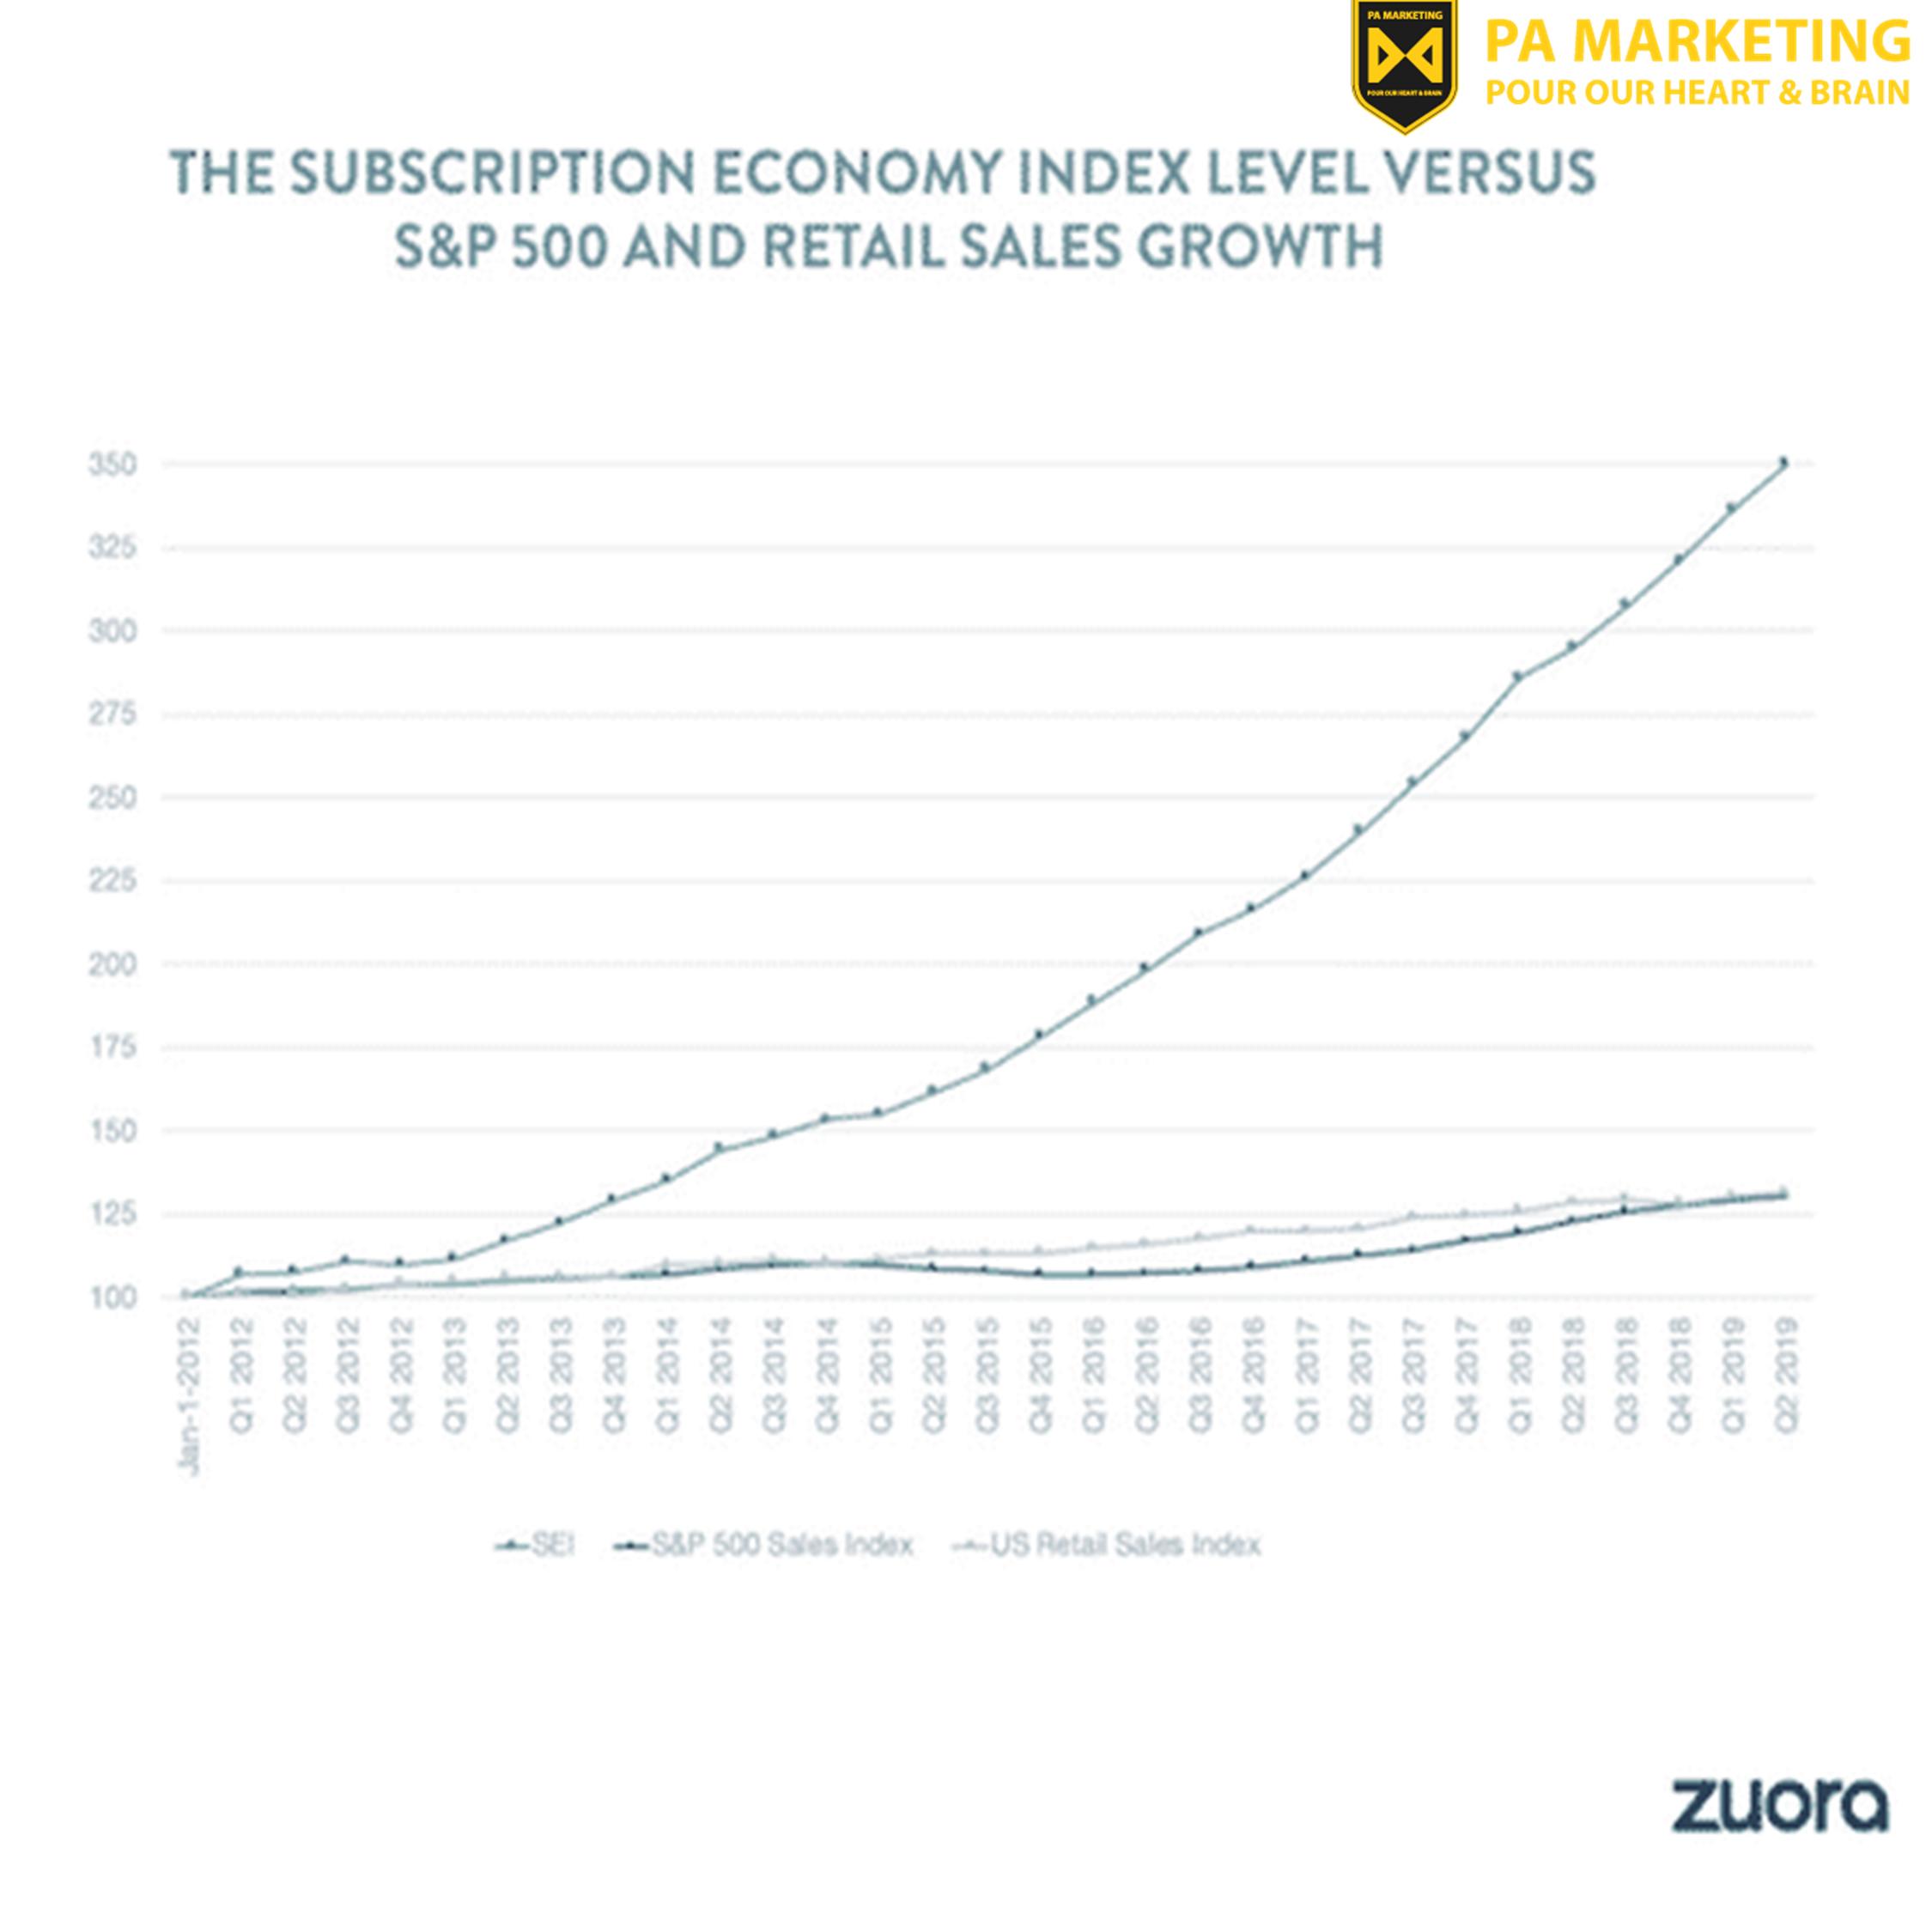 Mô hình doanh thu theo đăng ký - Doanh số kinh doanh theo đăng ký đã tăng nhanh hơn đáng kể so với hai tiêu chuẩn công khai chính — Doanh số S&P 500 và Doanh số bán lẻ tại Hoa Kỳ.